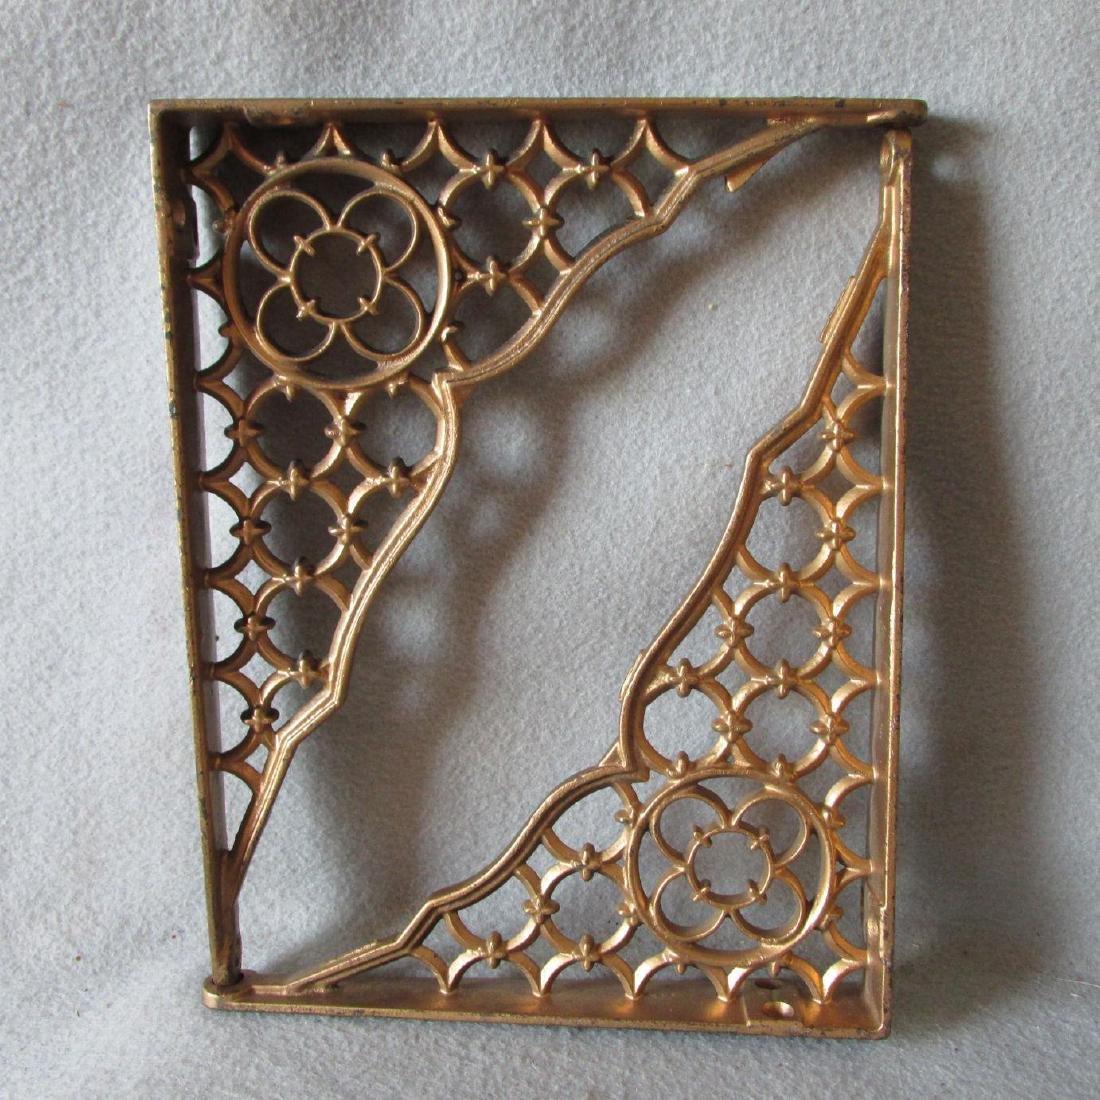 19thC Victorian Gothic Cast Iron Architectural Brackets - 3